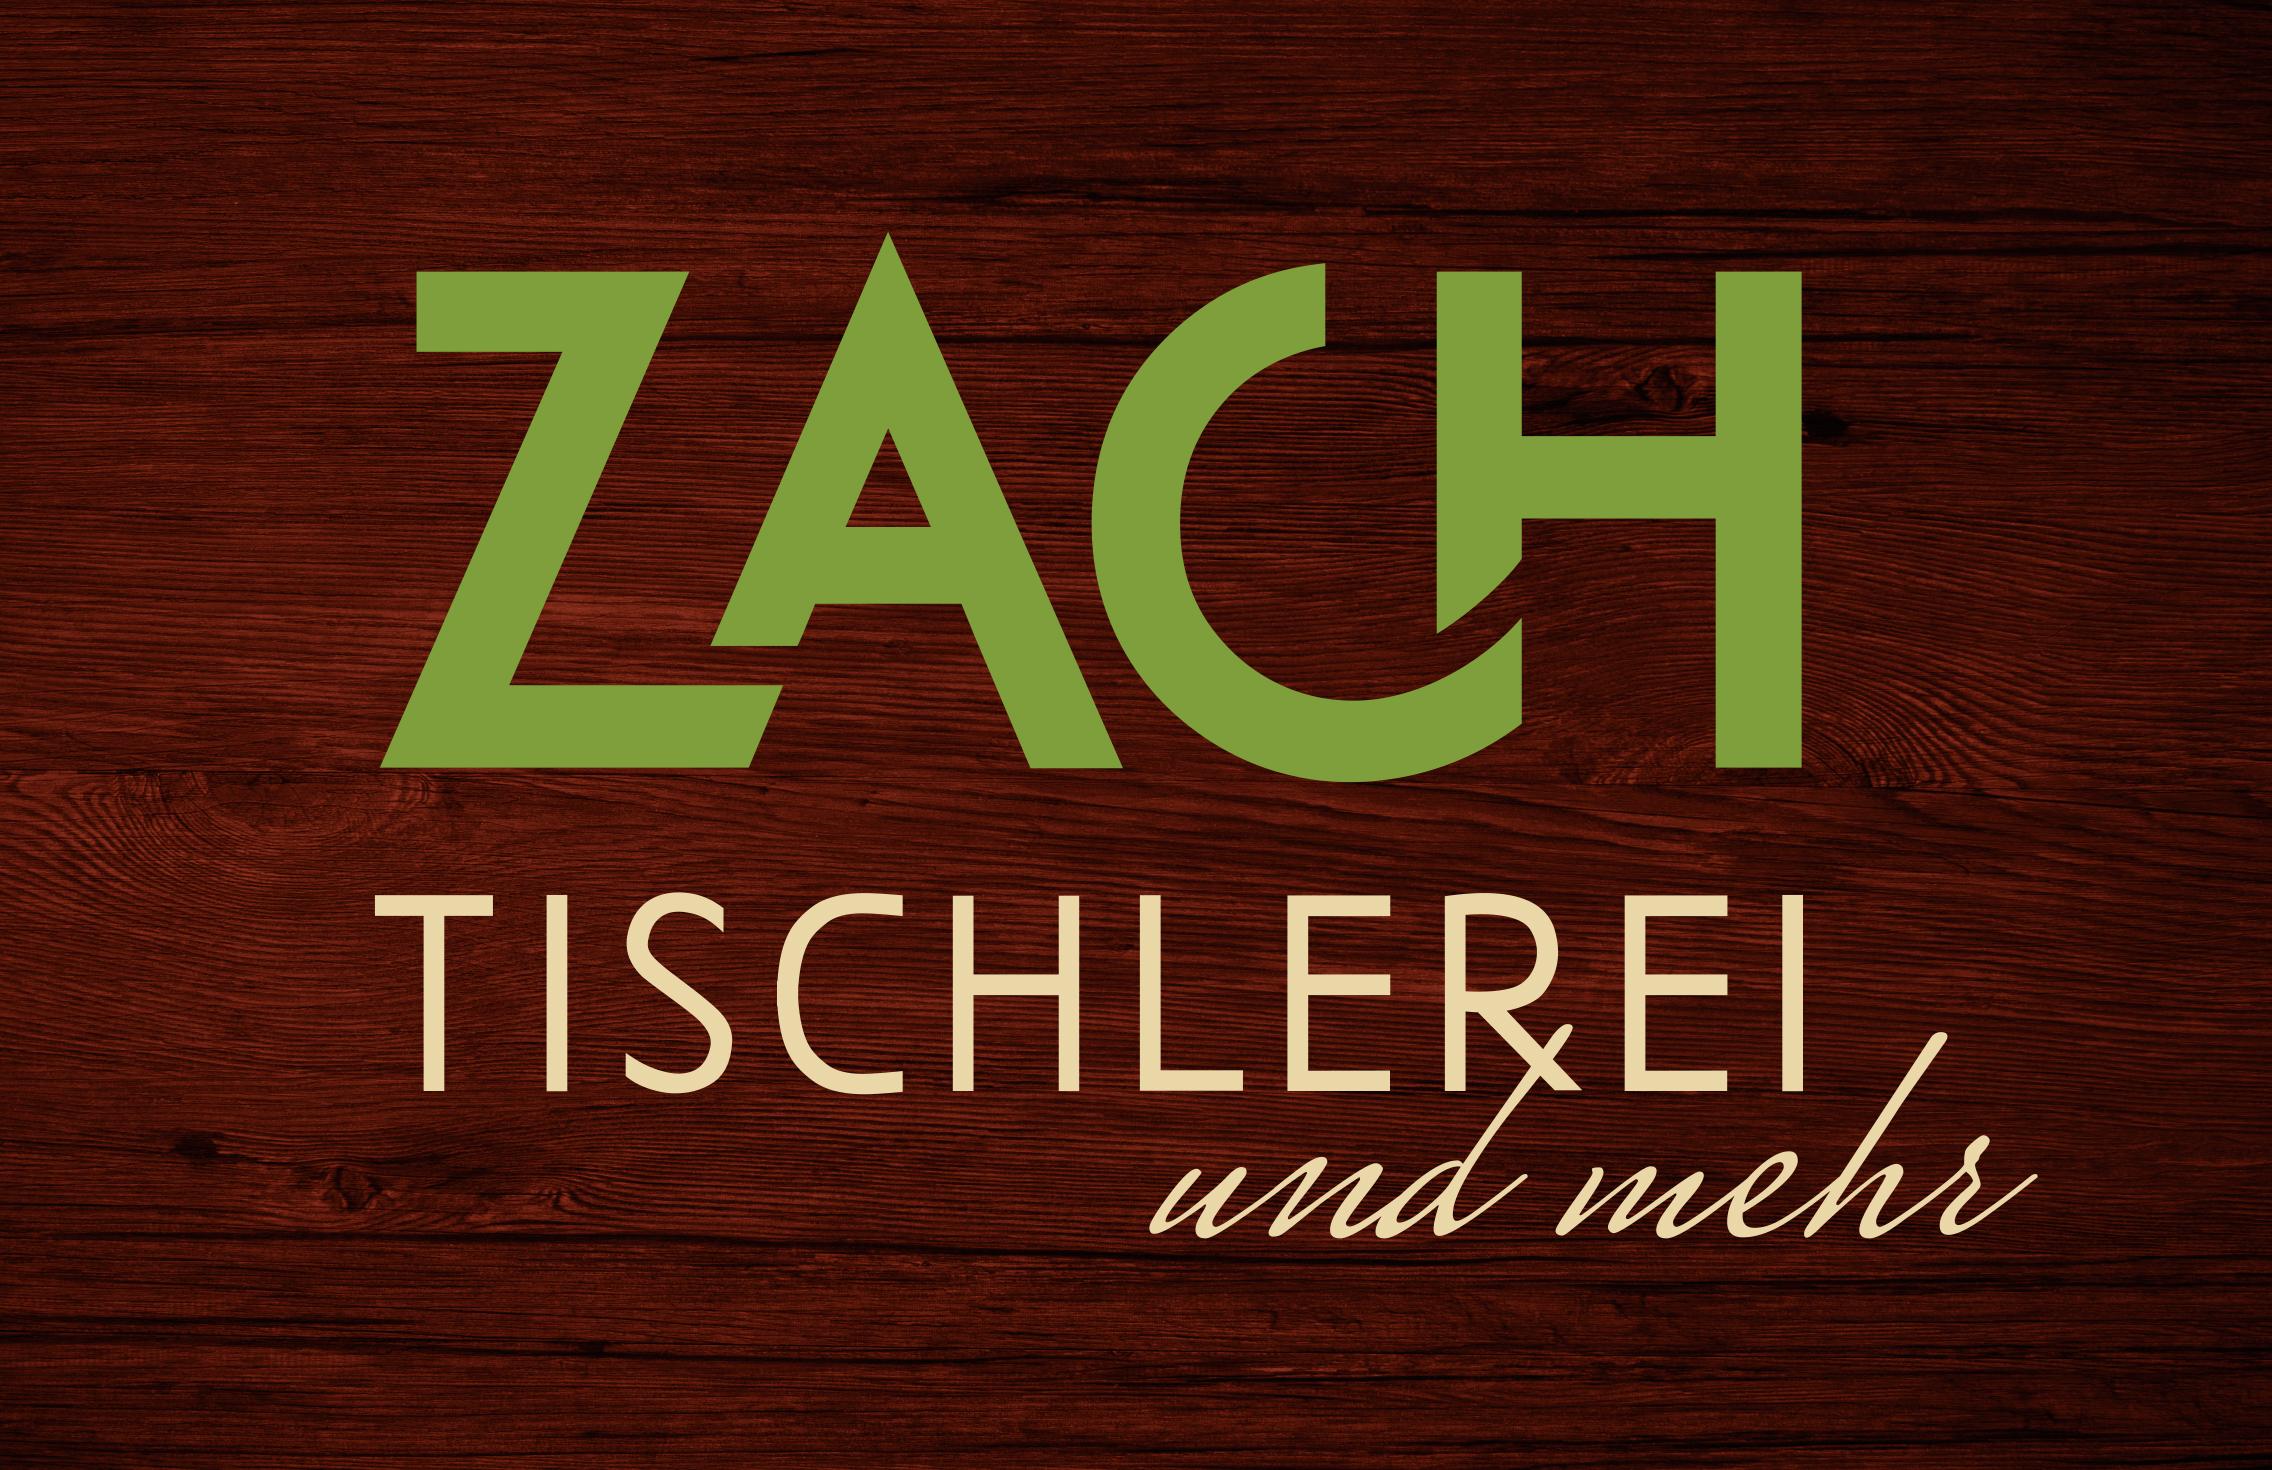 Zach-Marke-4c-Holz